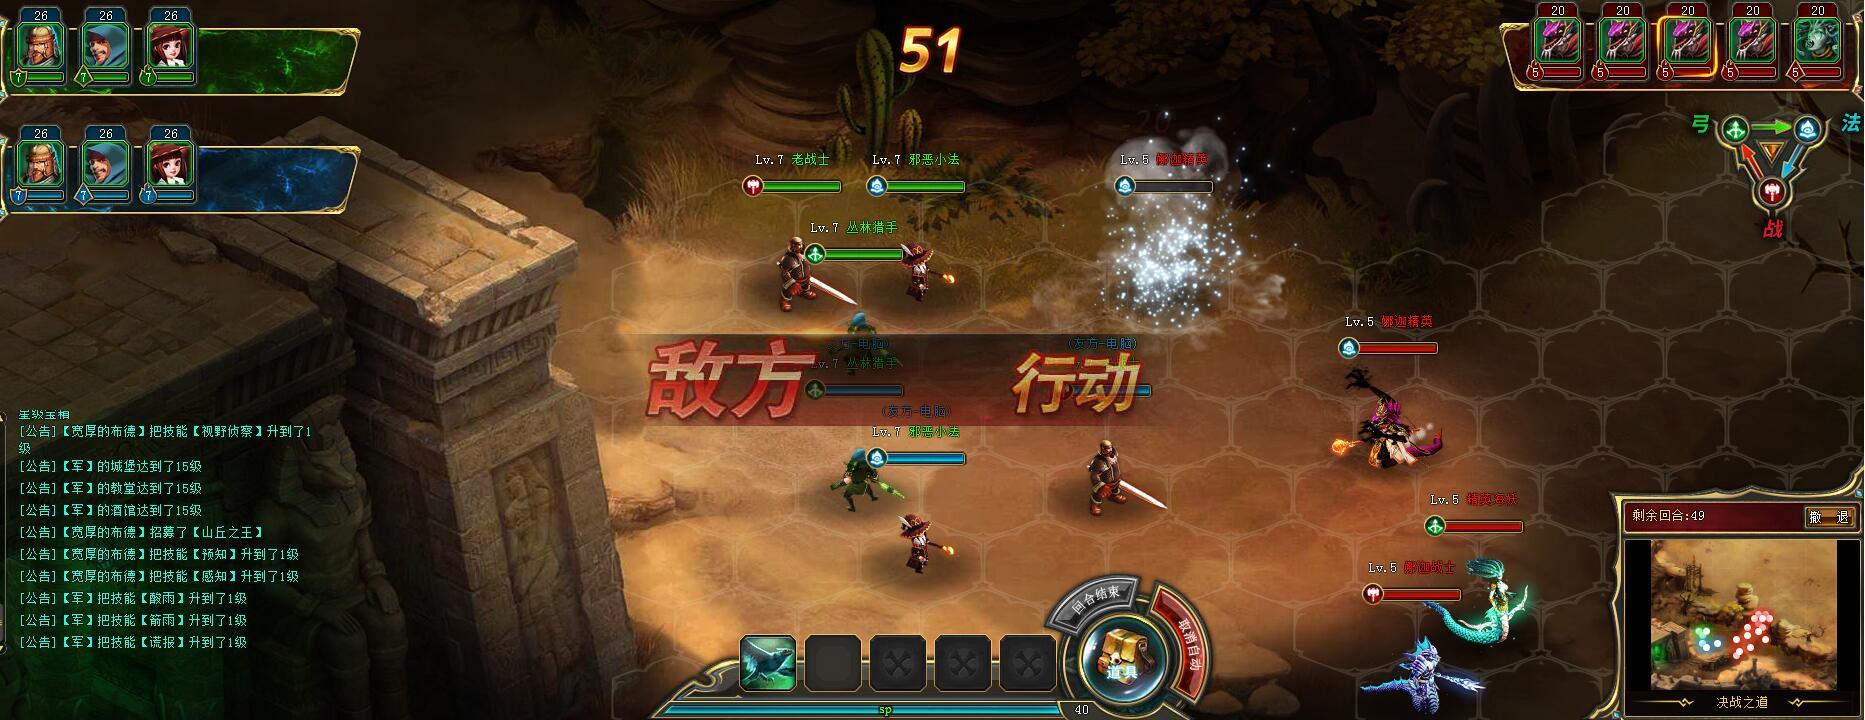 《新勇者大陆》游戏截图